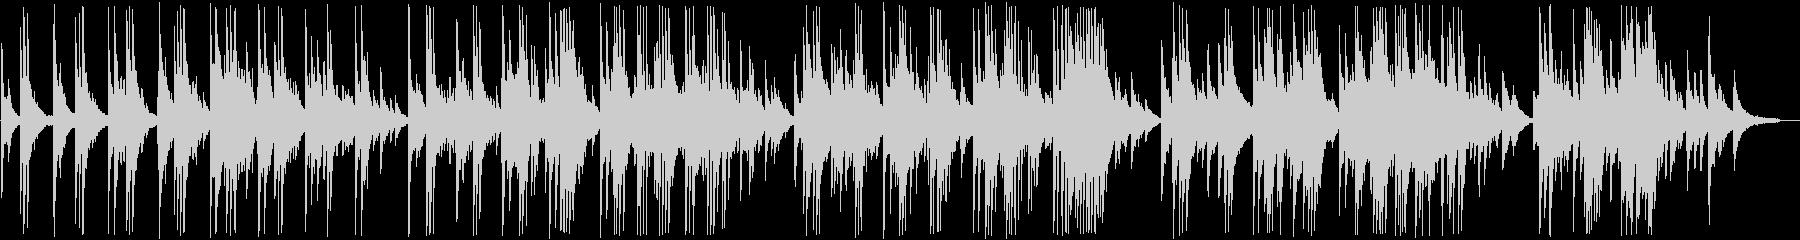 明るく切ないピアノバラードの未再生の波形